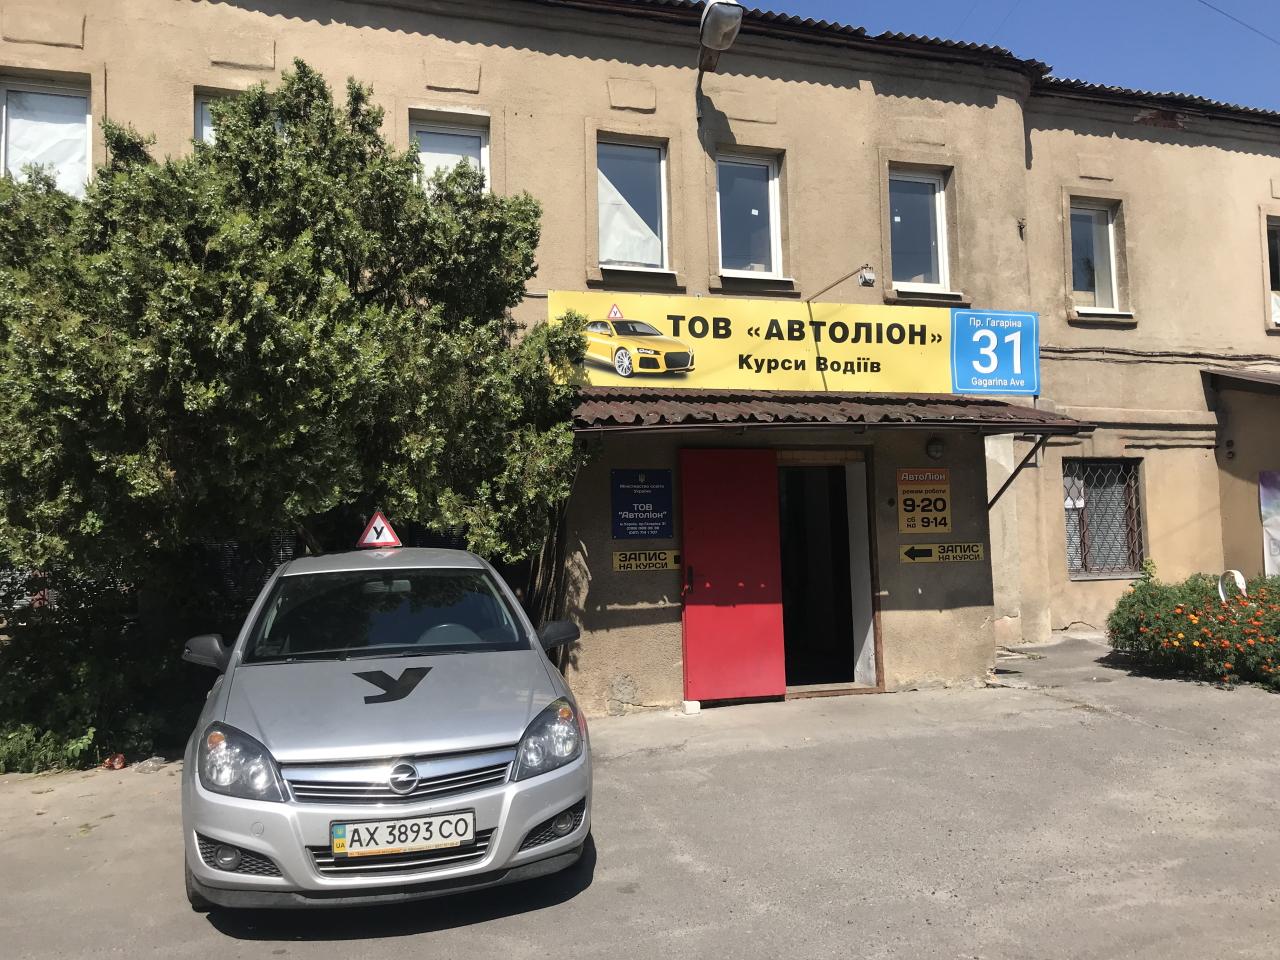 Автоліон м. Харьків